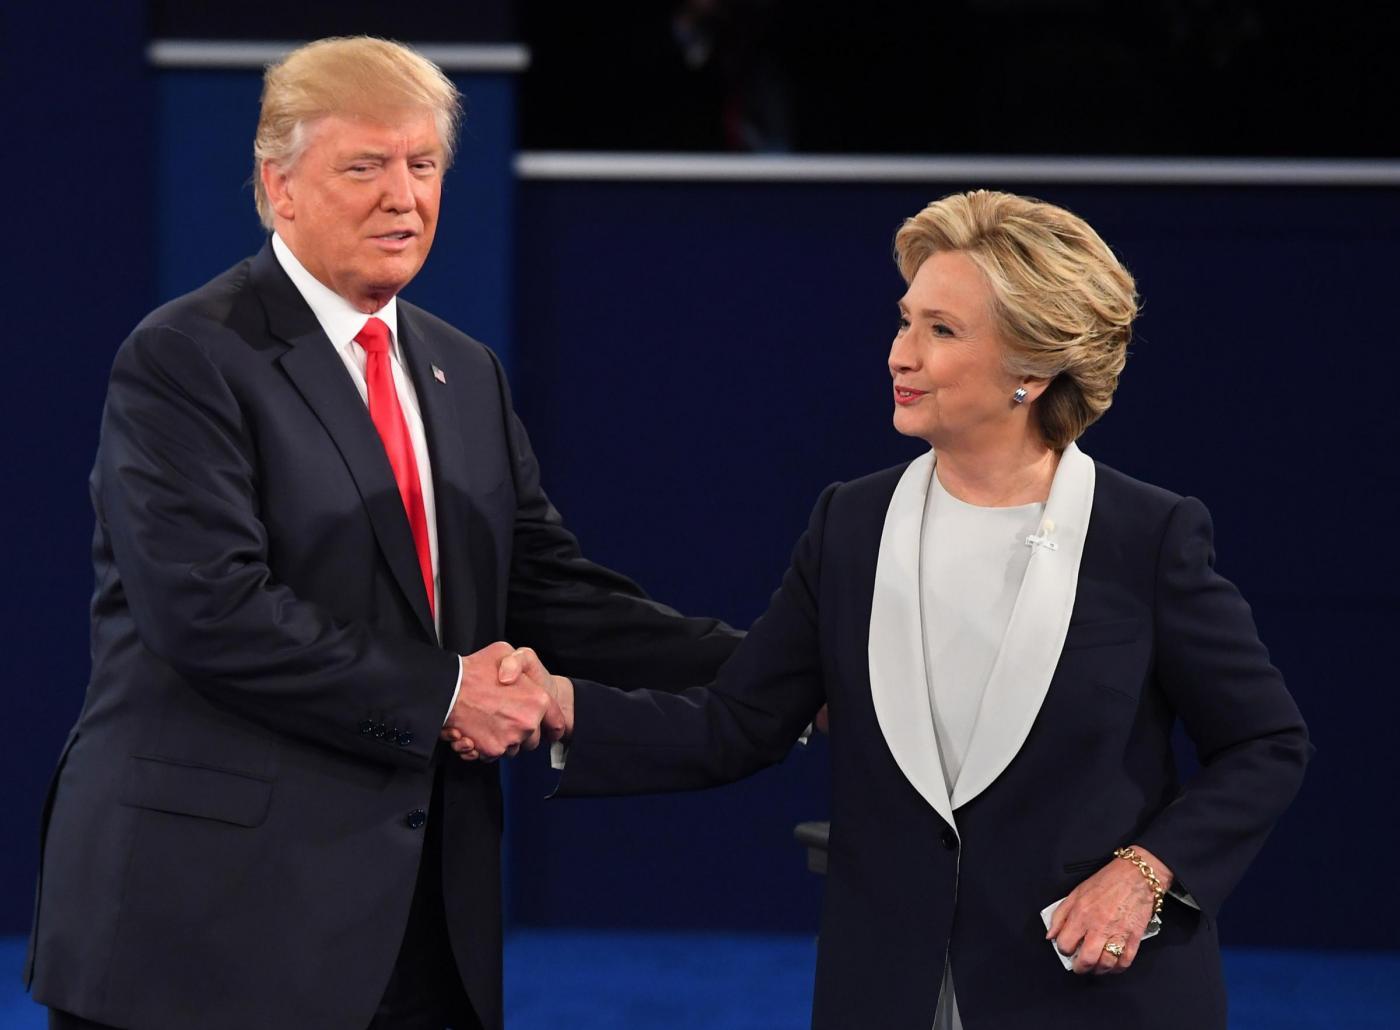 Secondo dibattito tra Donald Trump e Hillary Clinton a Washington